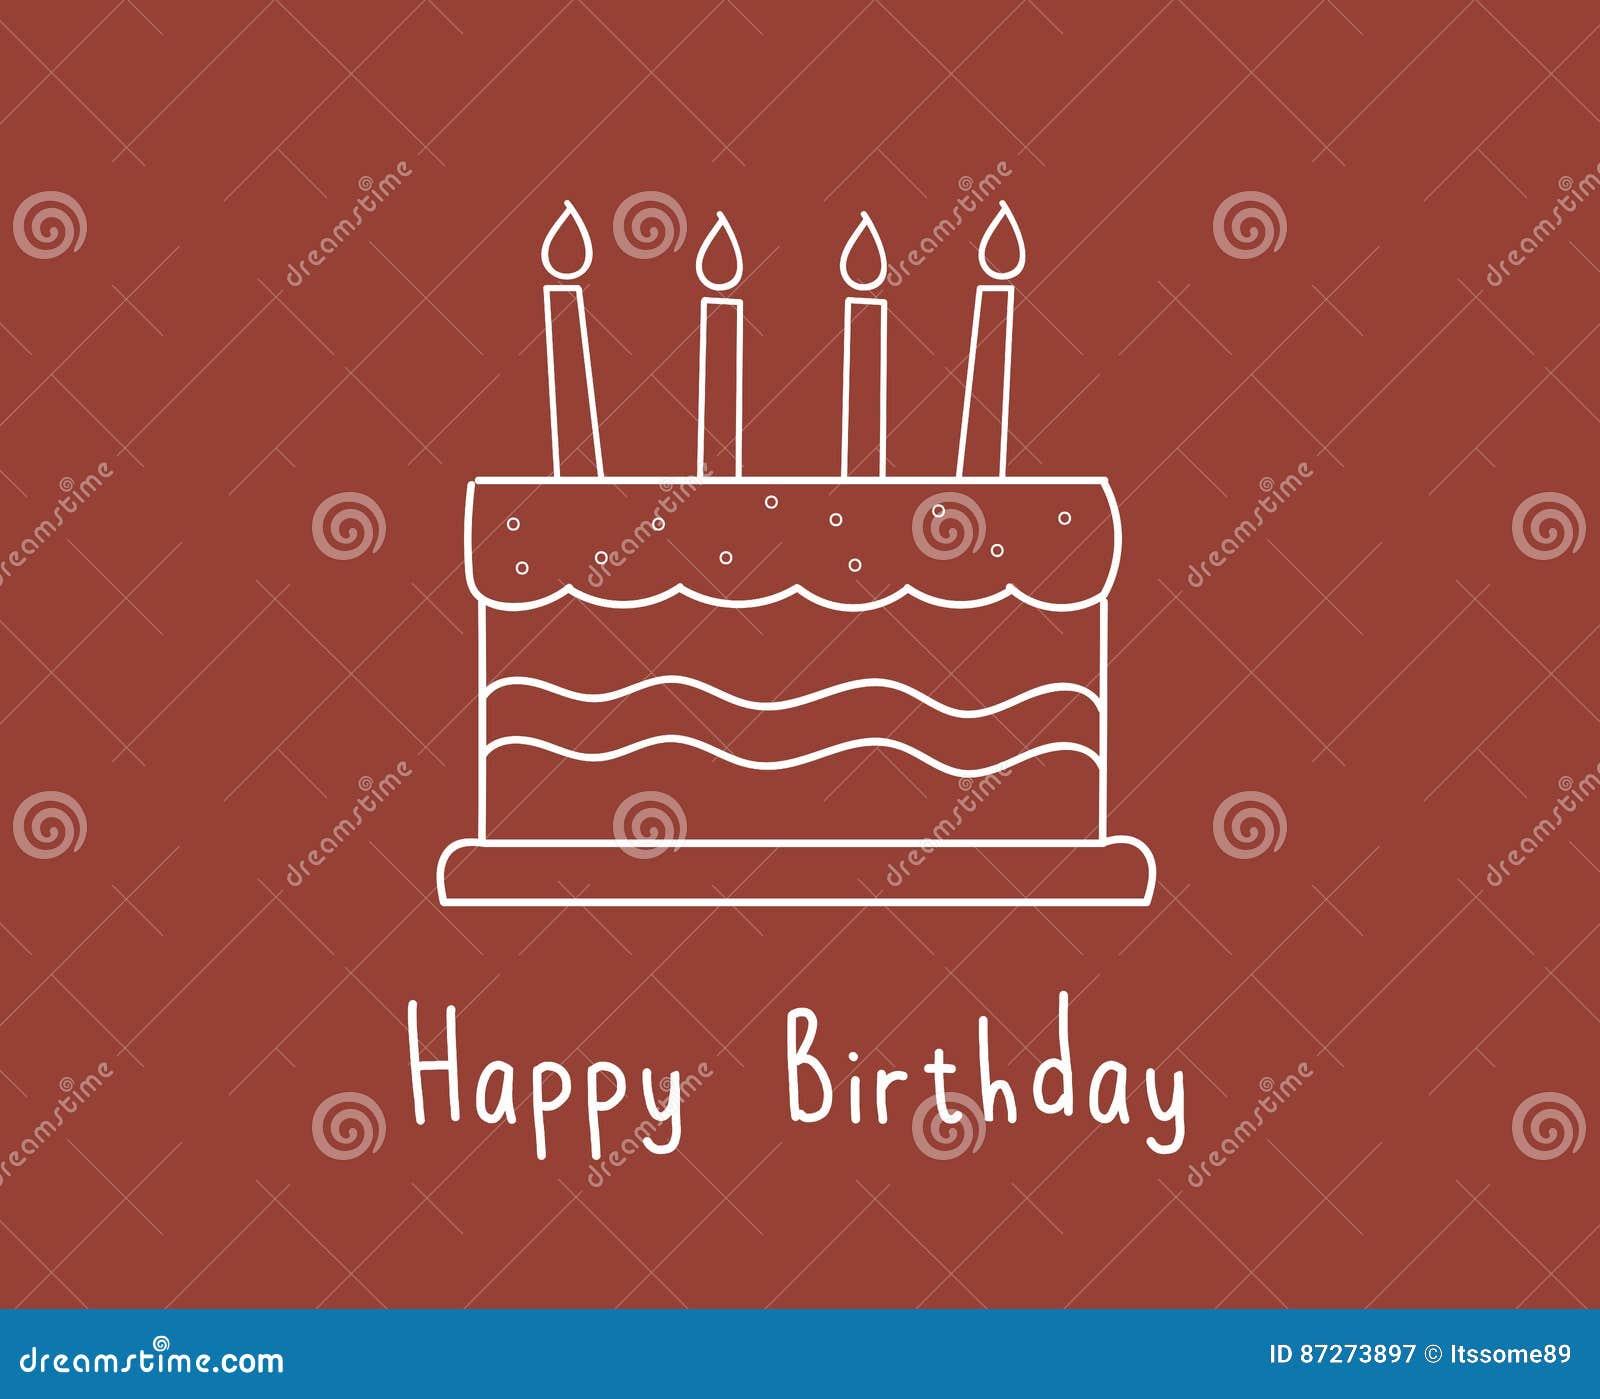 Cute White Birthday Cake Stock Illustration Illustration Of Bless